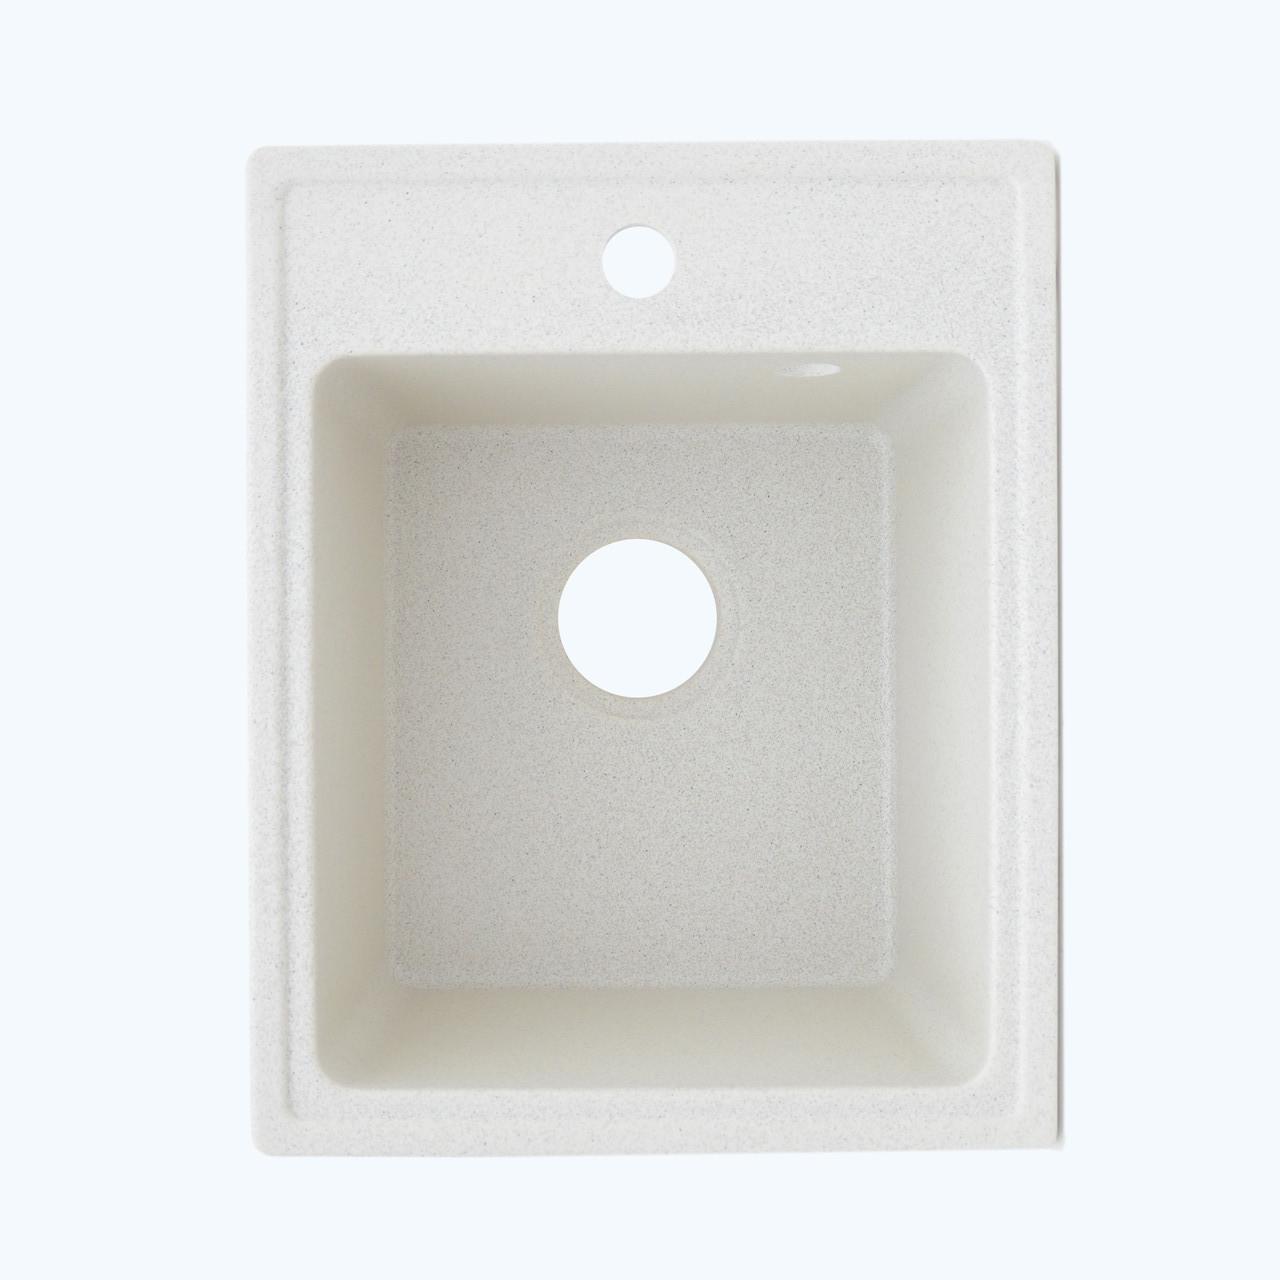 Гранитная мойка Platinum 4050 RUBY глянец белая с точкой